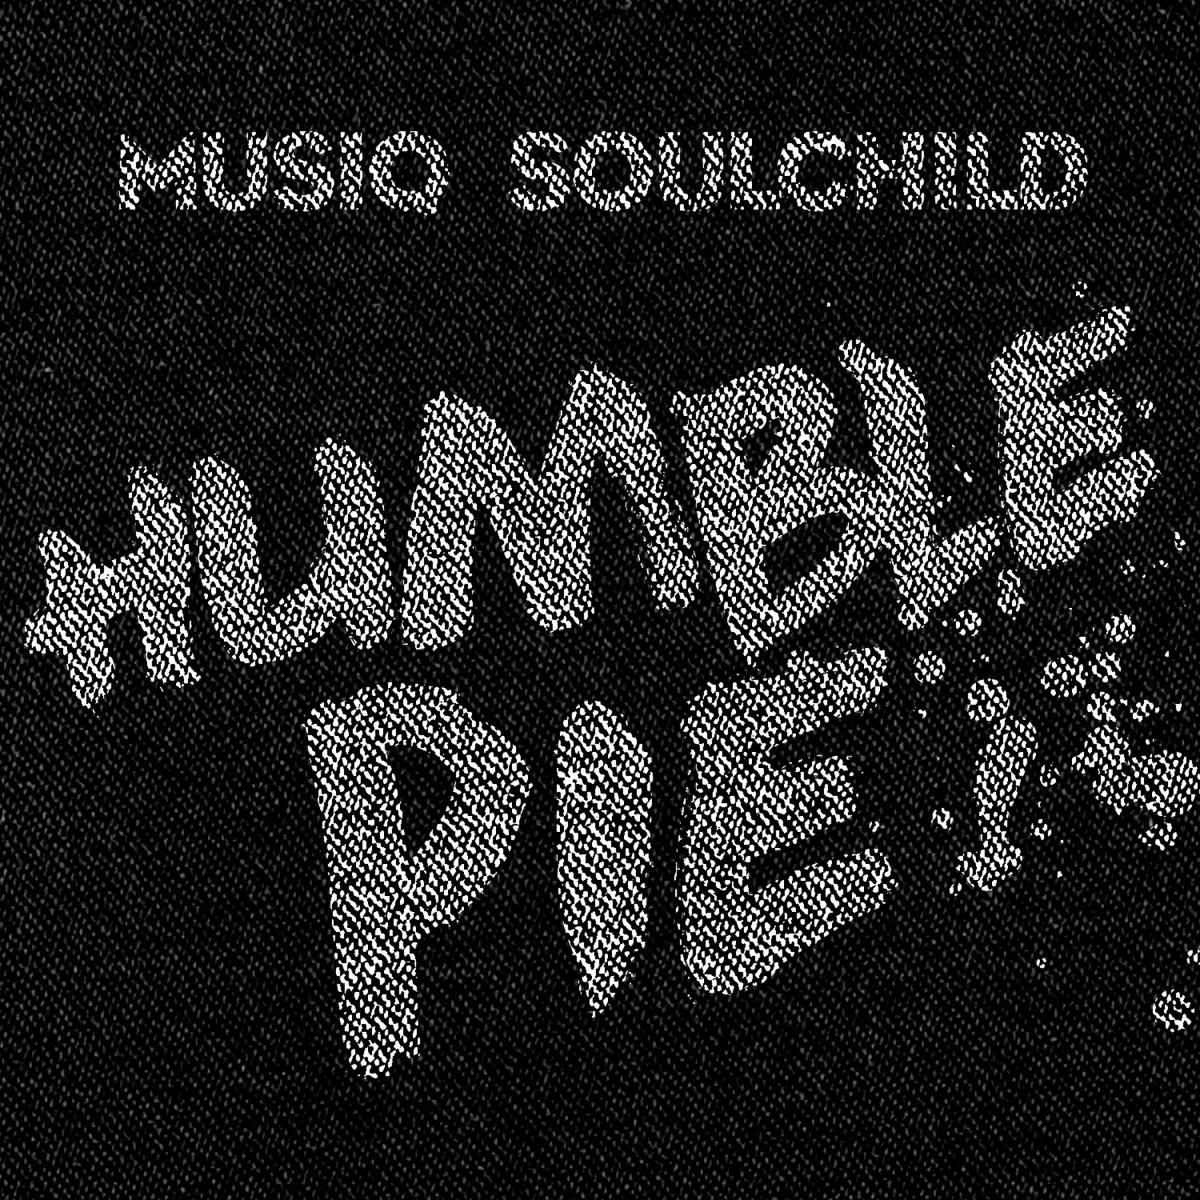 Musiq Soulchild - Humble Pie